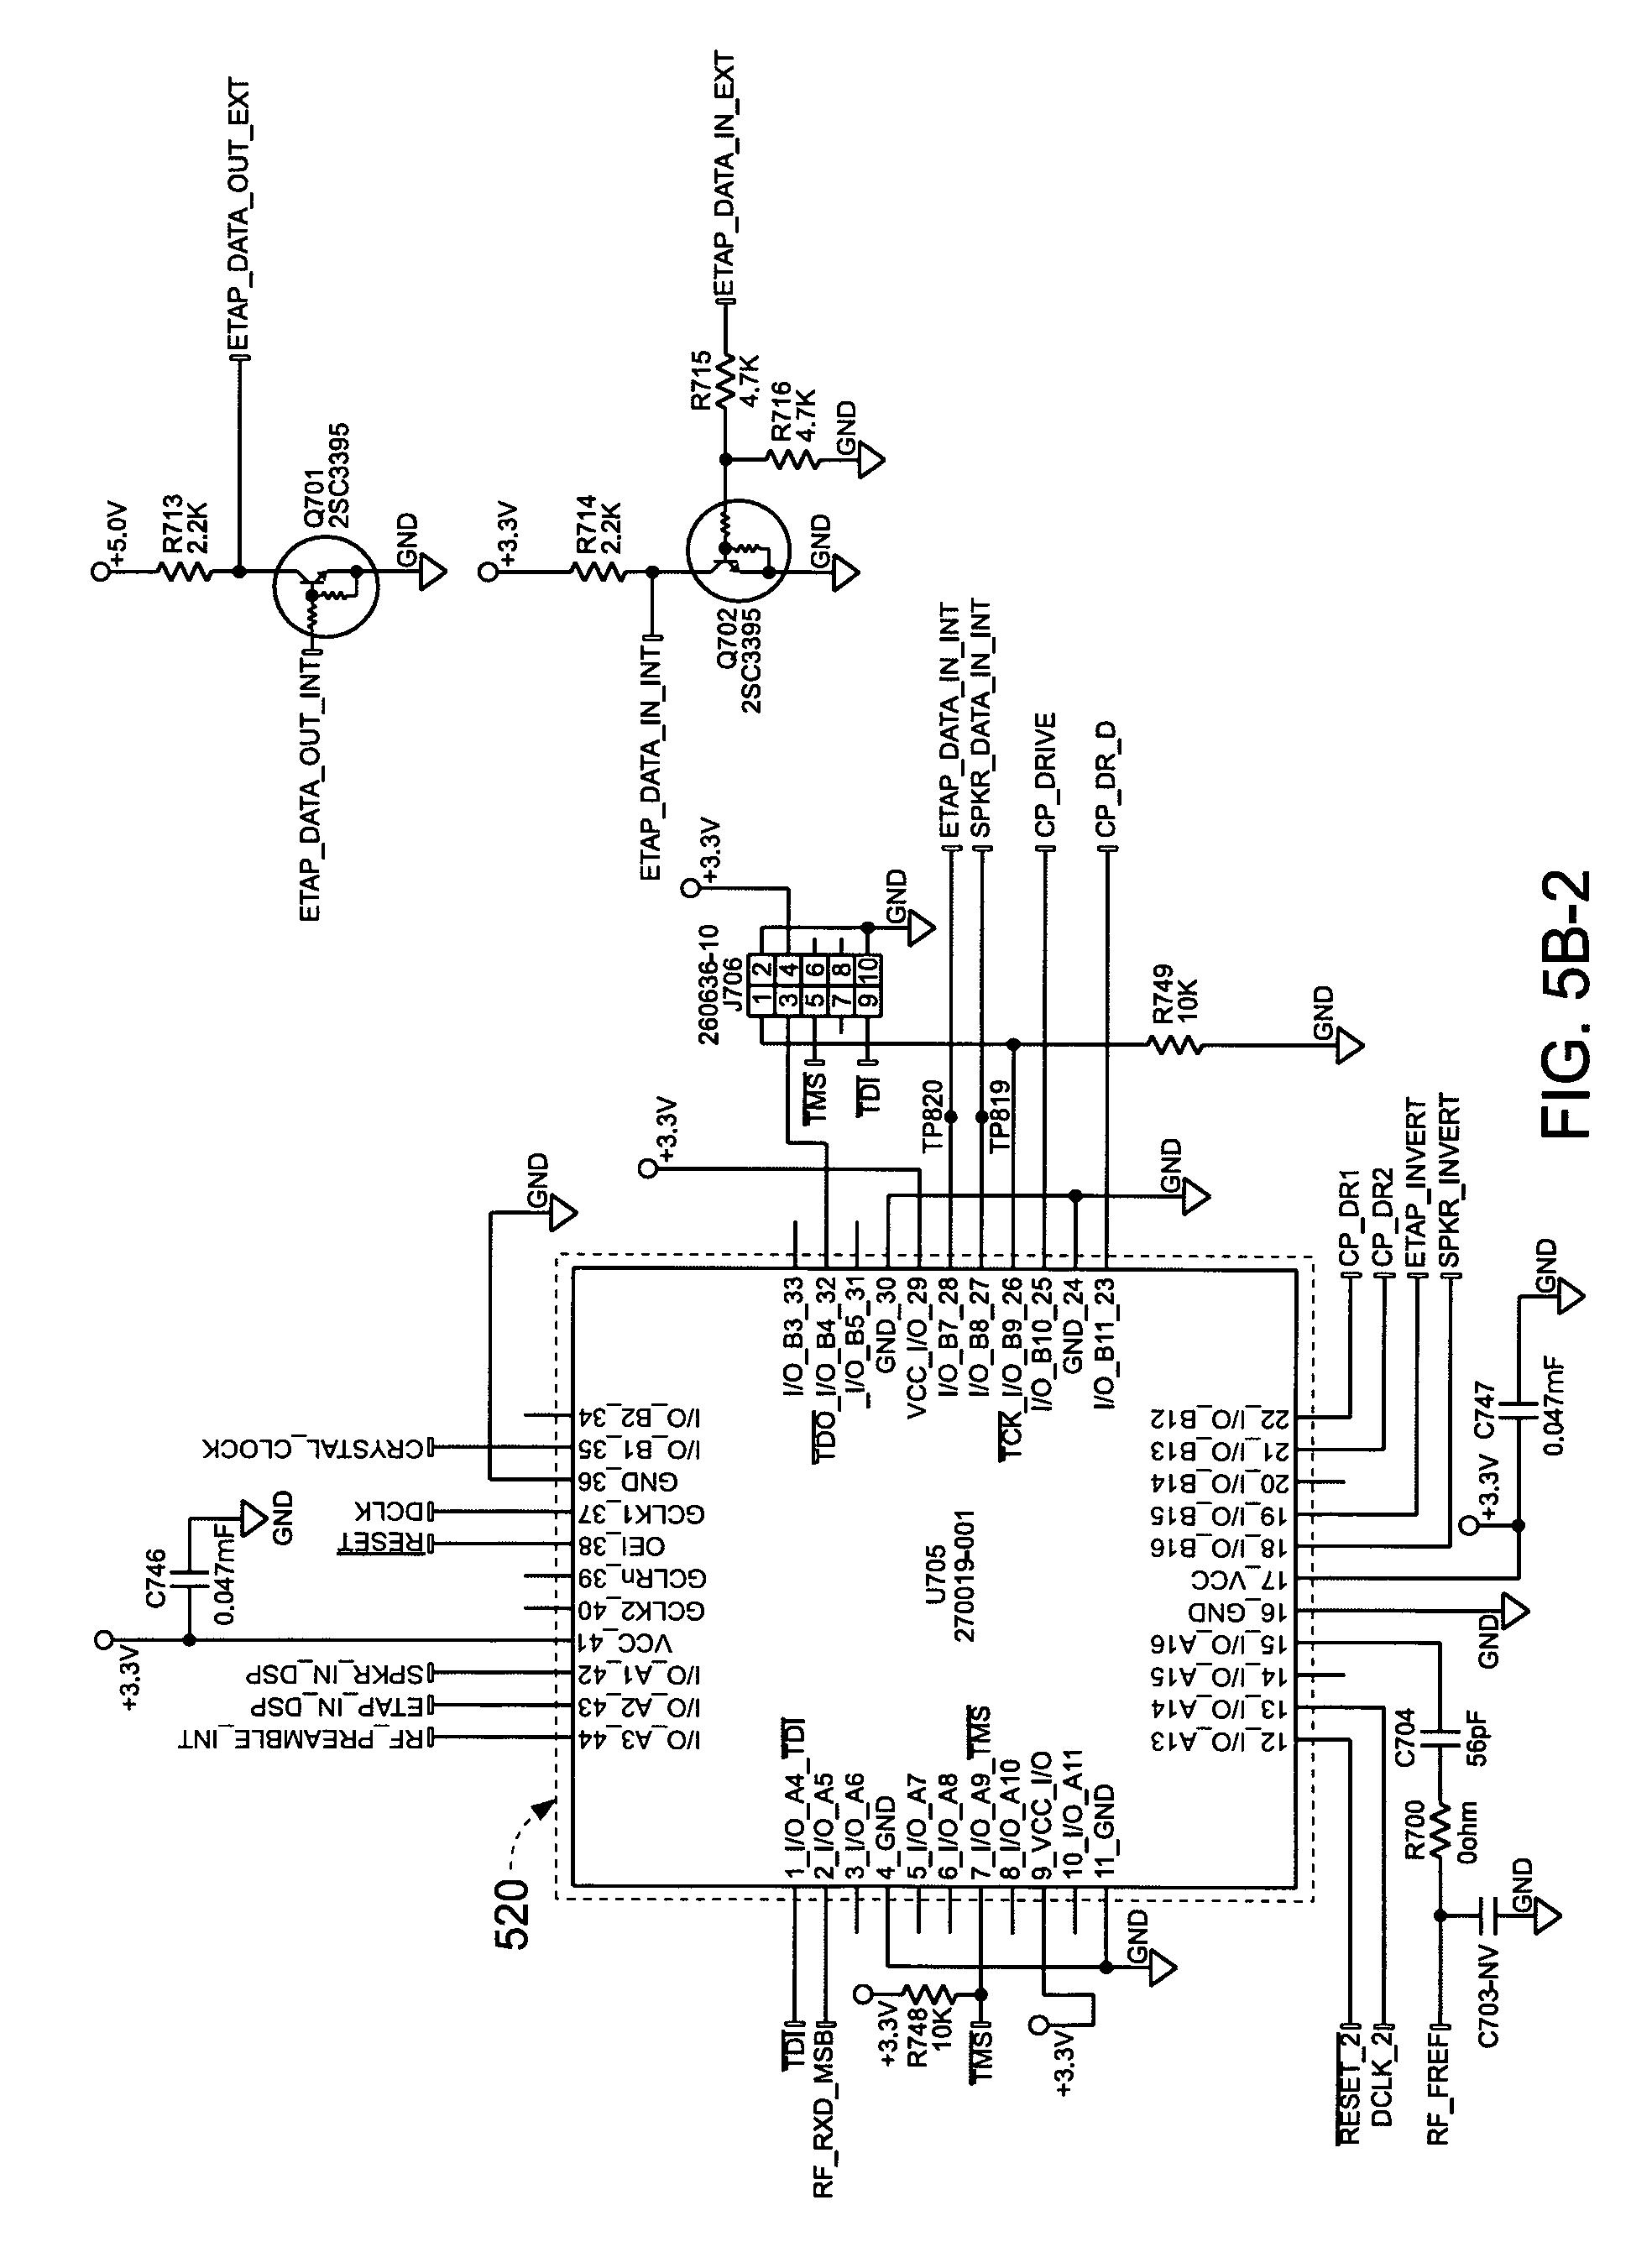 vga pinout diagram pdf